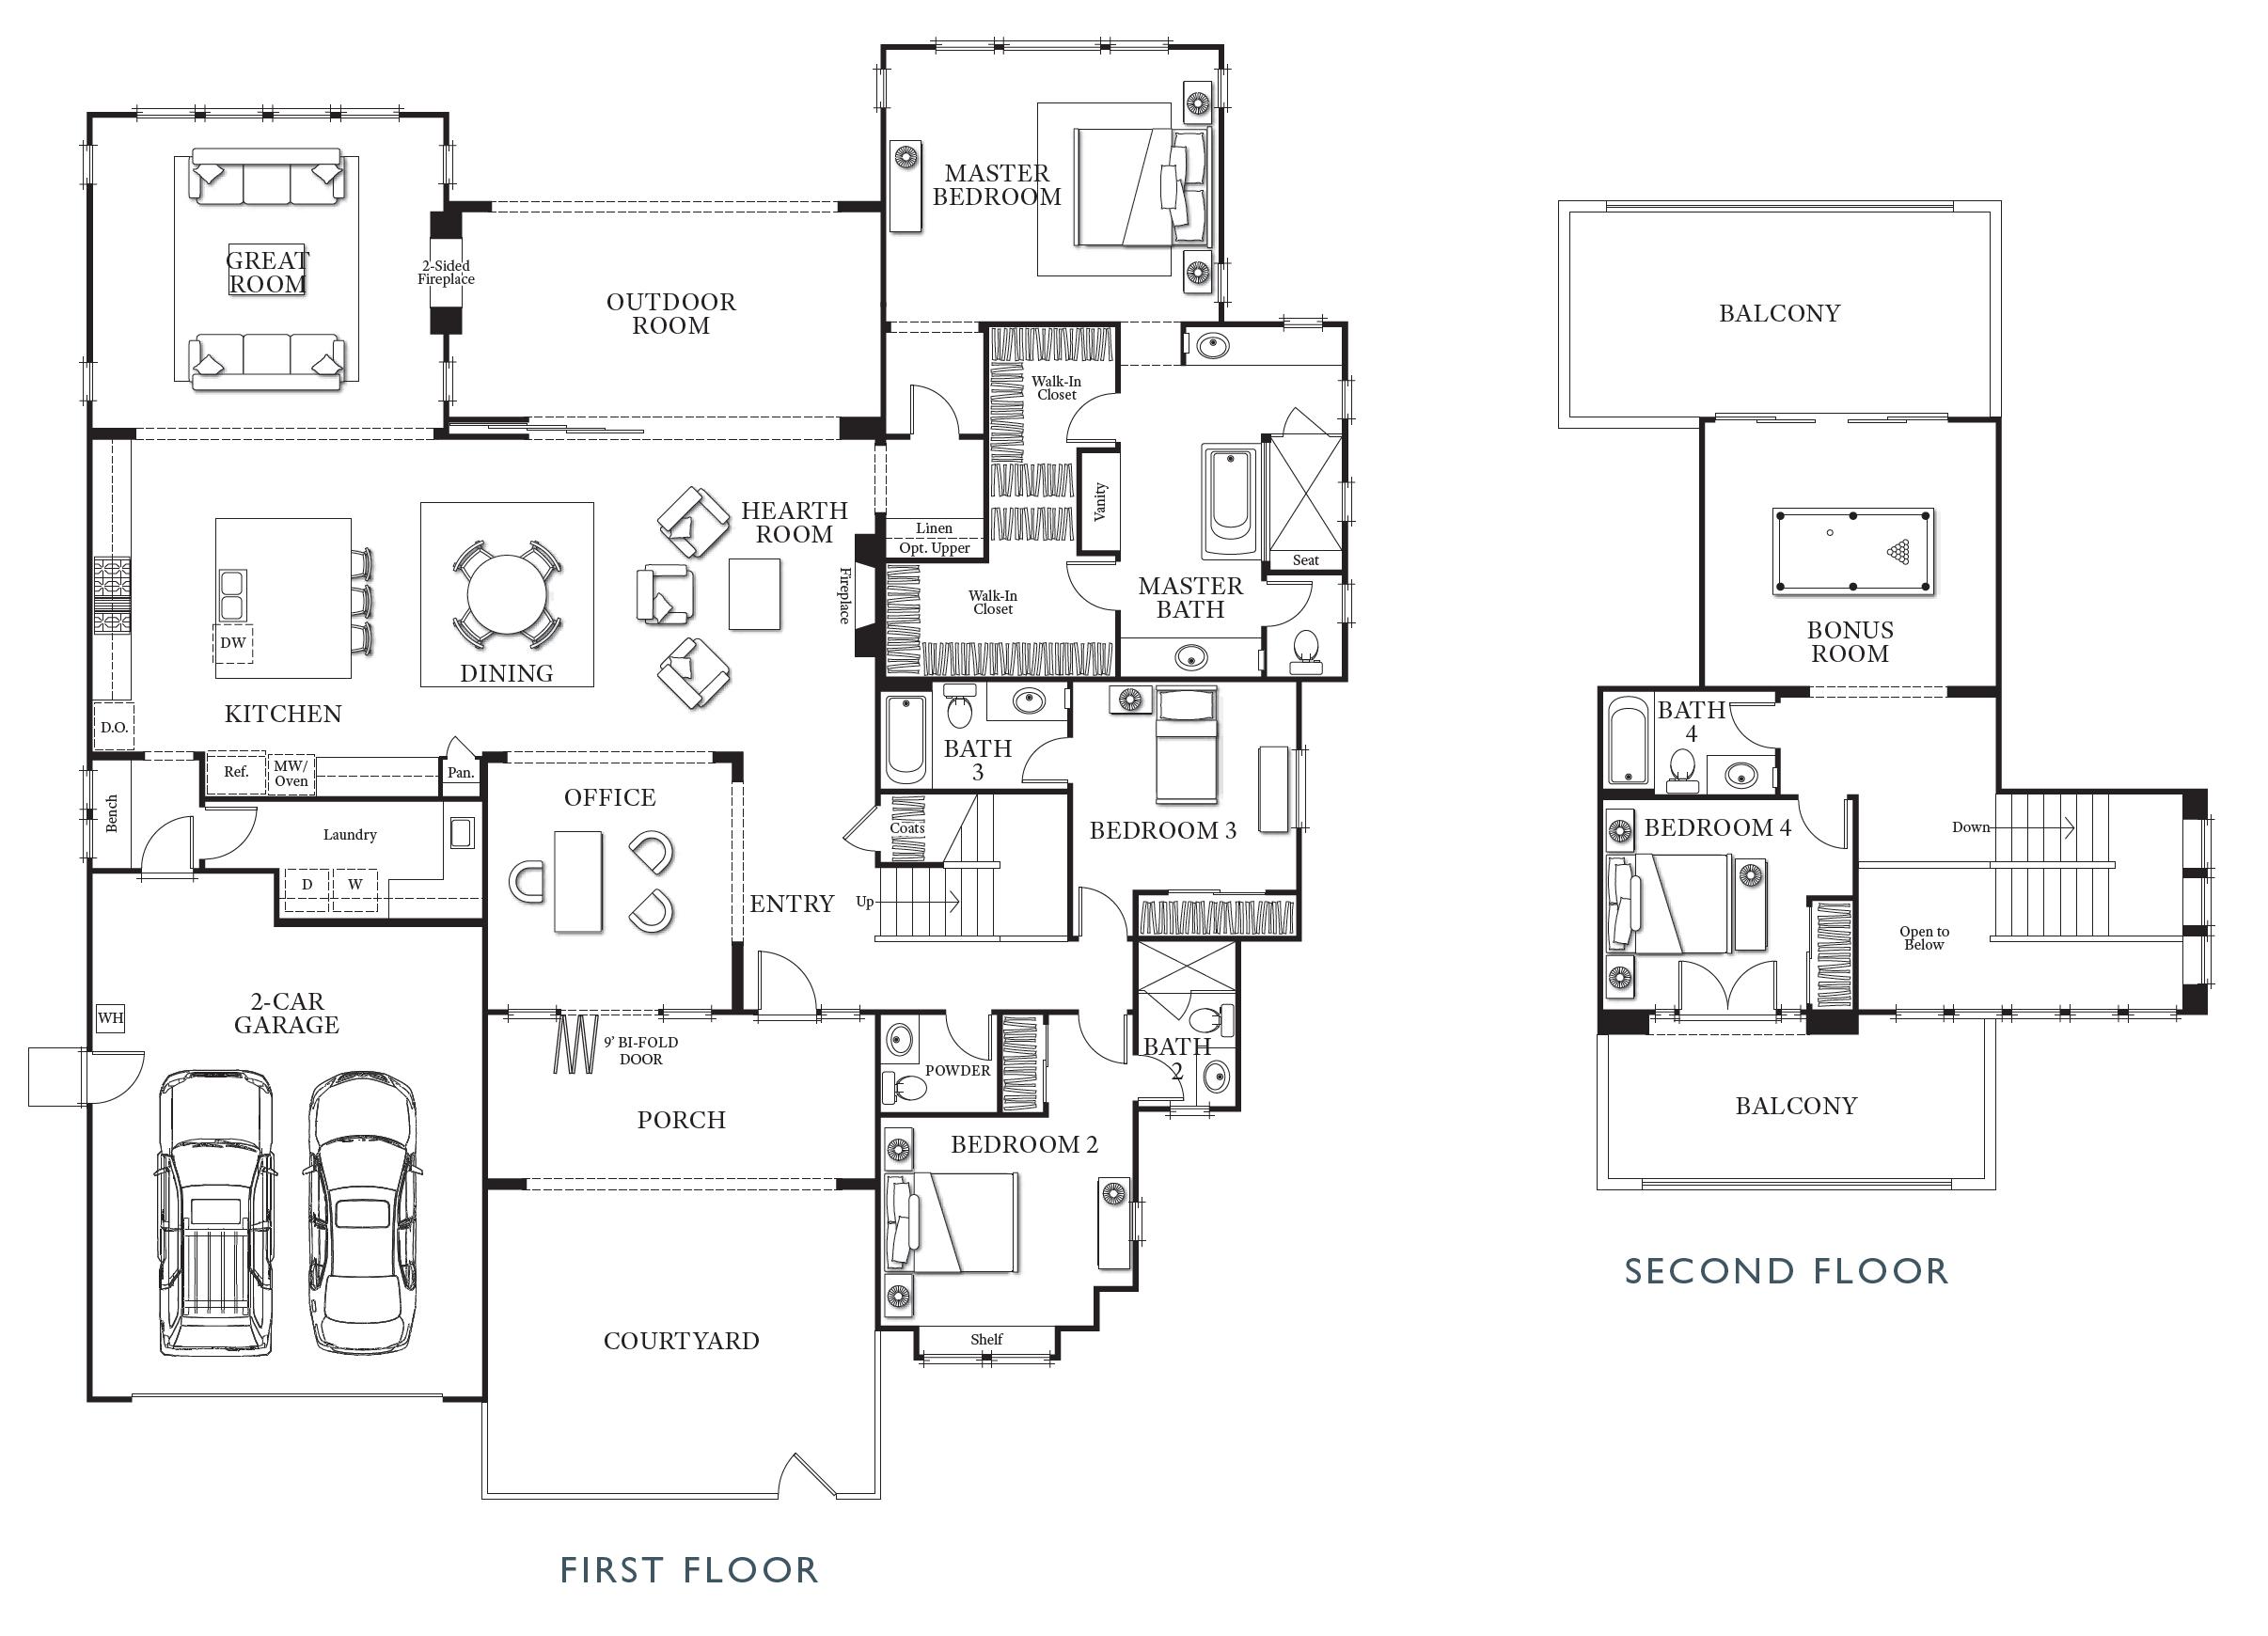 Lot 30 - The Harbor - Floor Plan.png